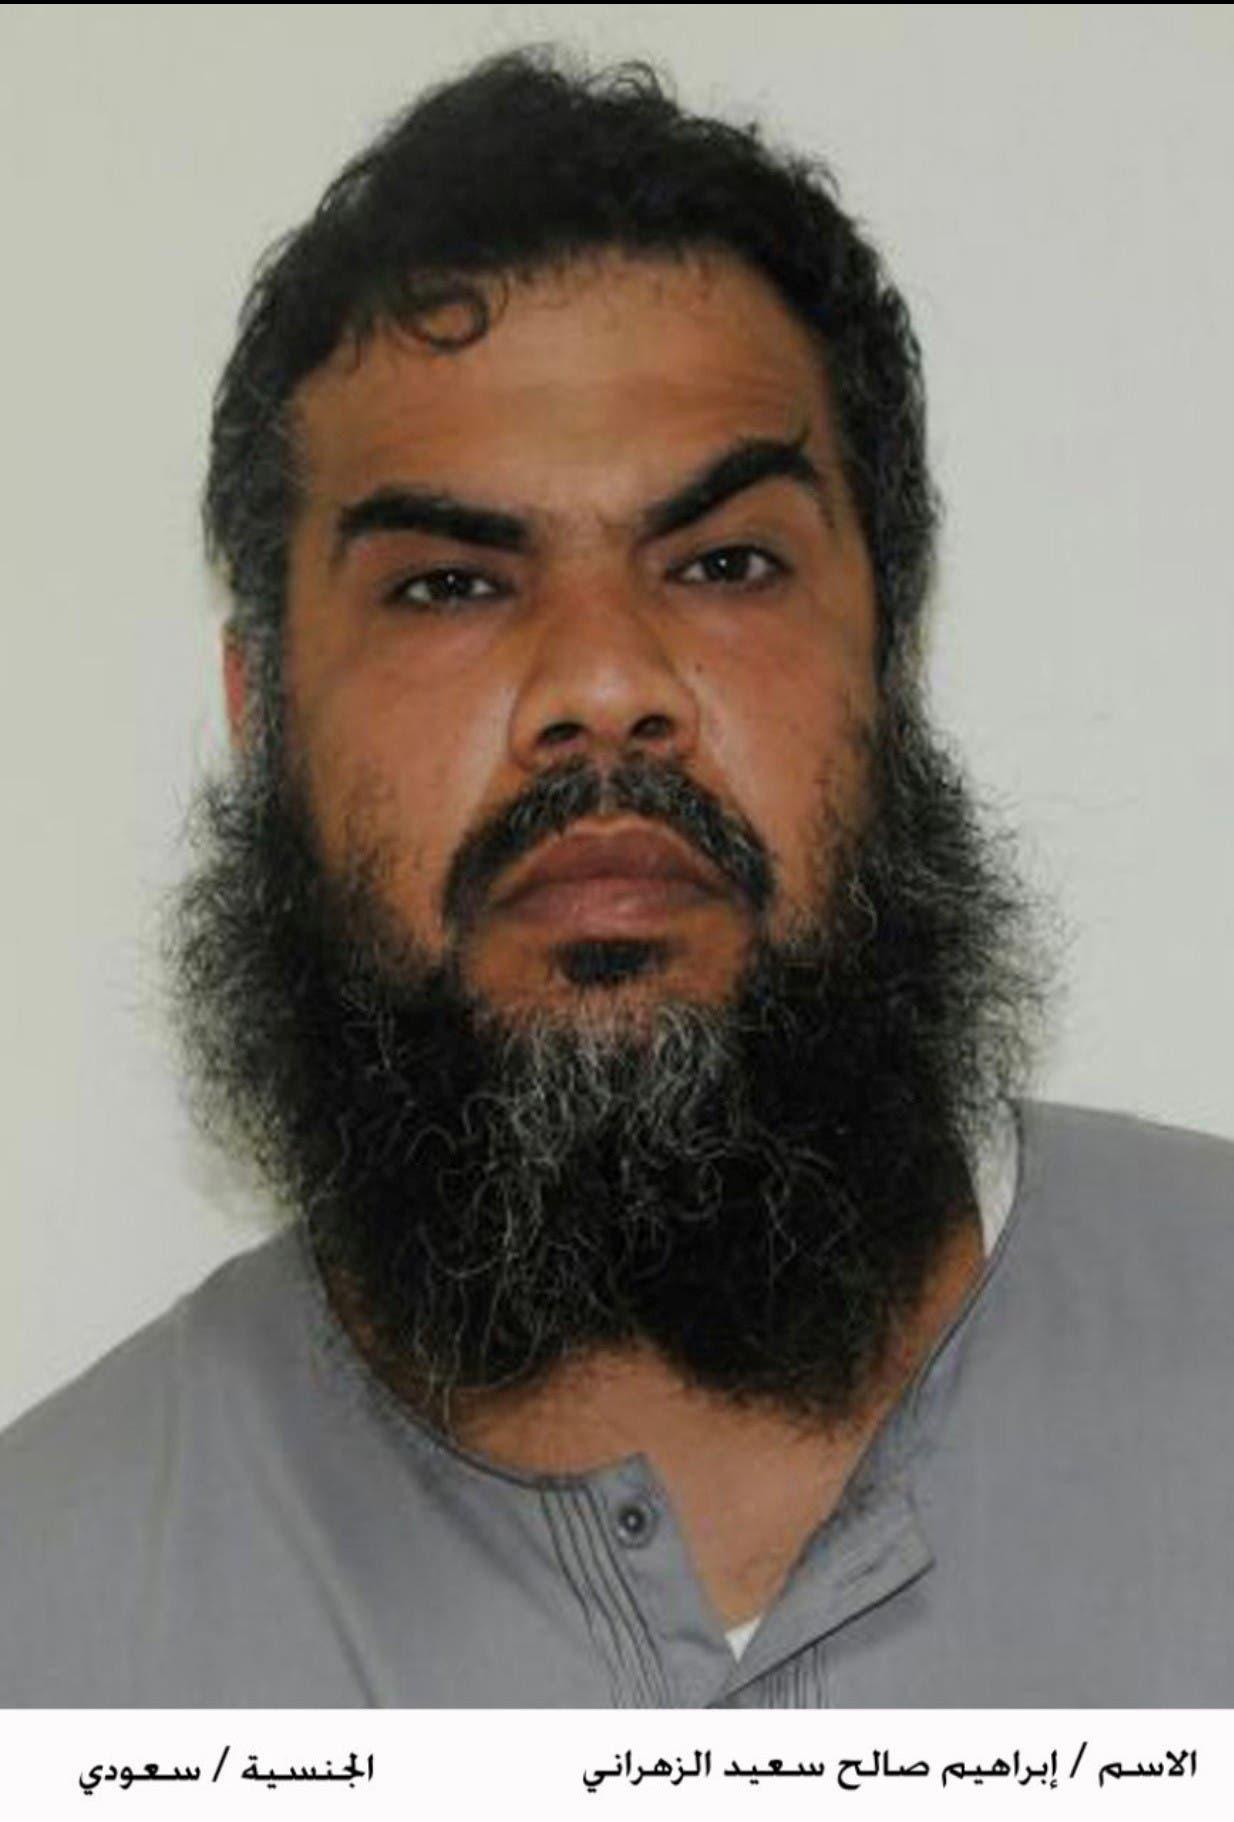 Ibrahim Saleh Al-Zahrani (Saudi). (Supplied)